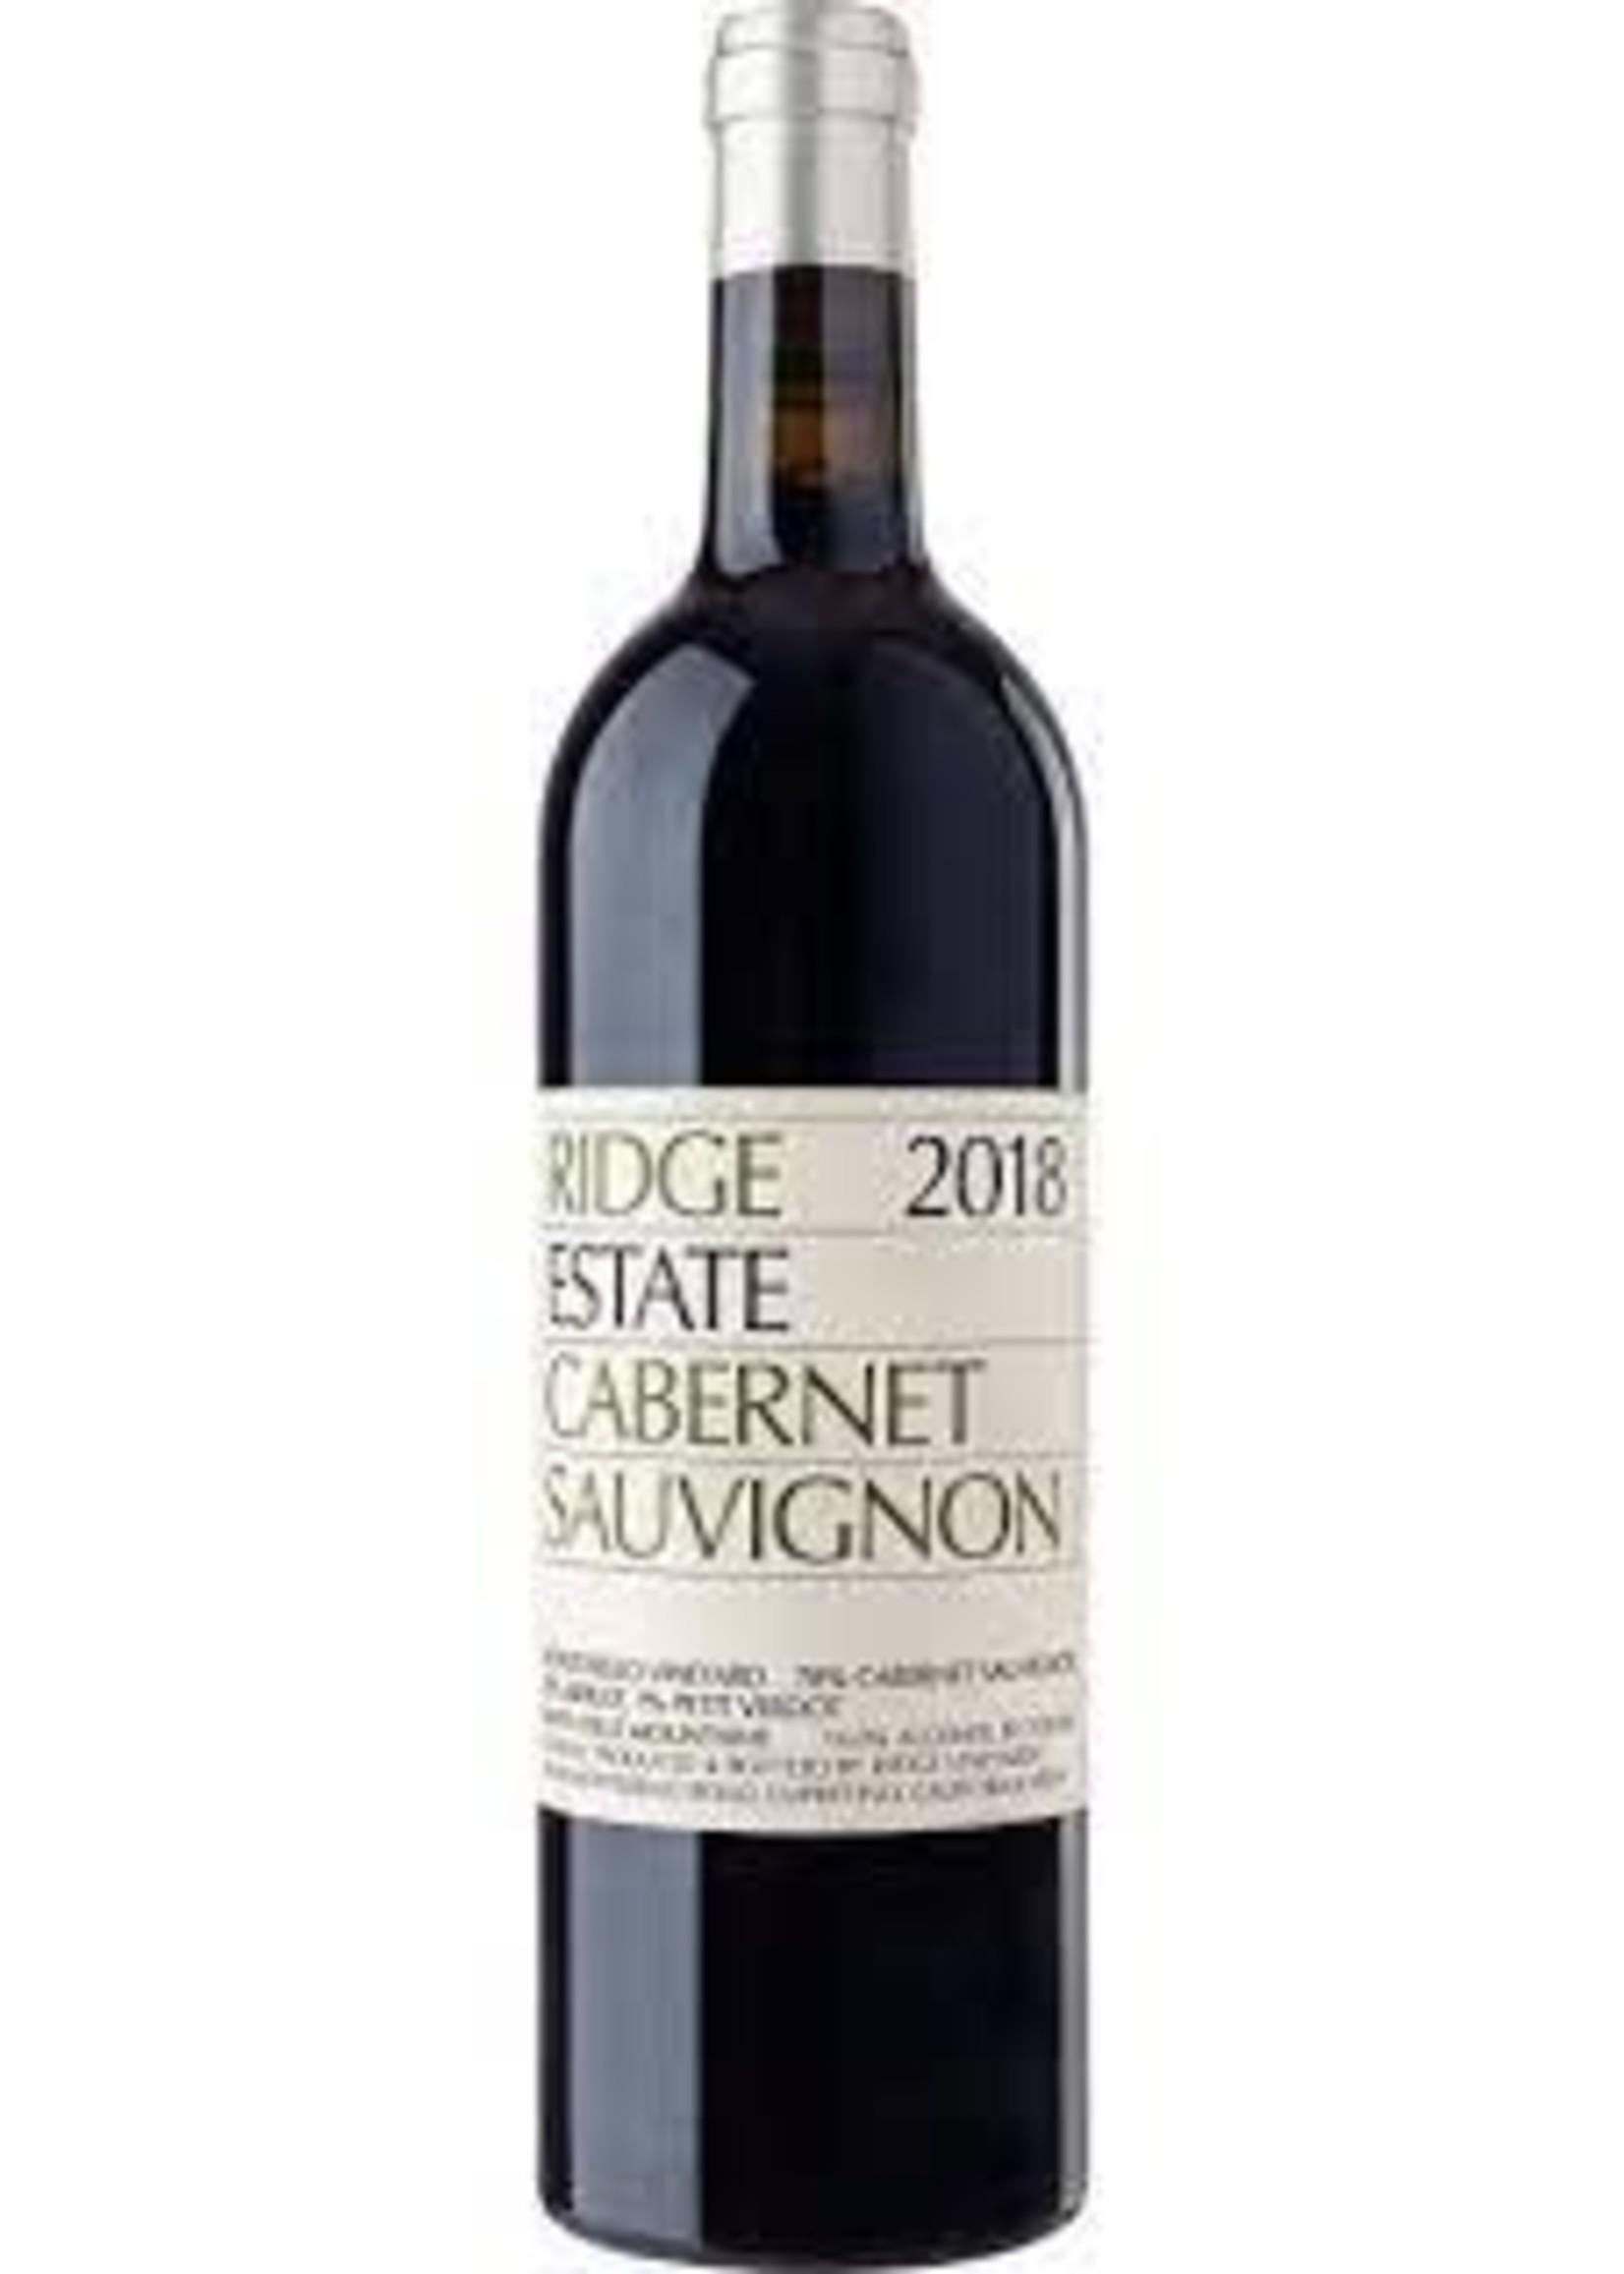 Ridge 2018 'Estate' Cabernet Sauvignon 750ml